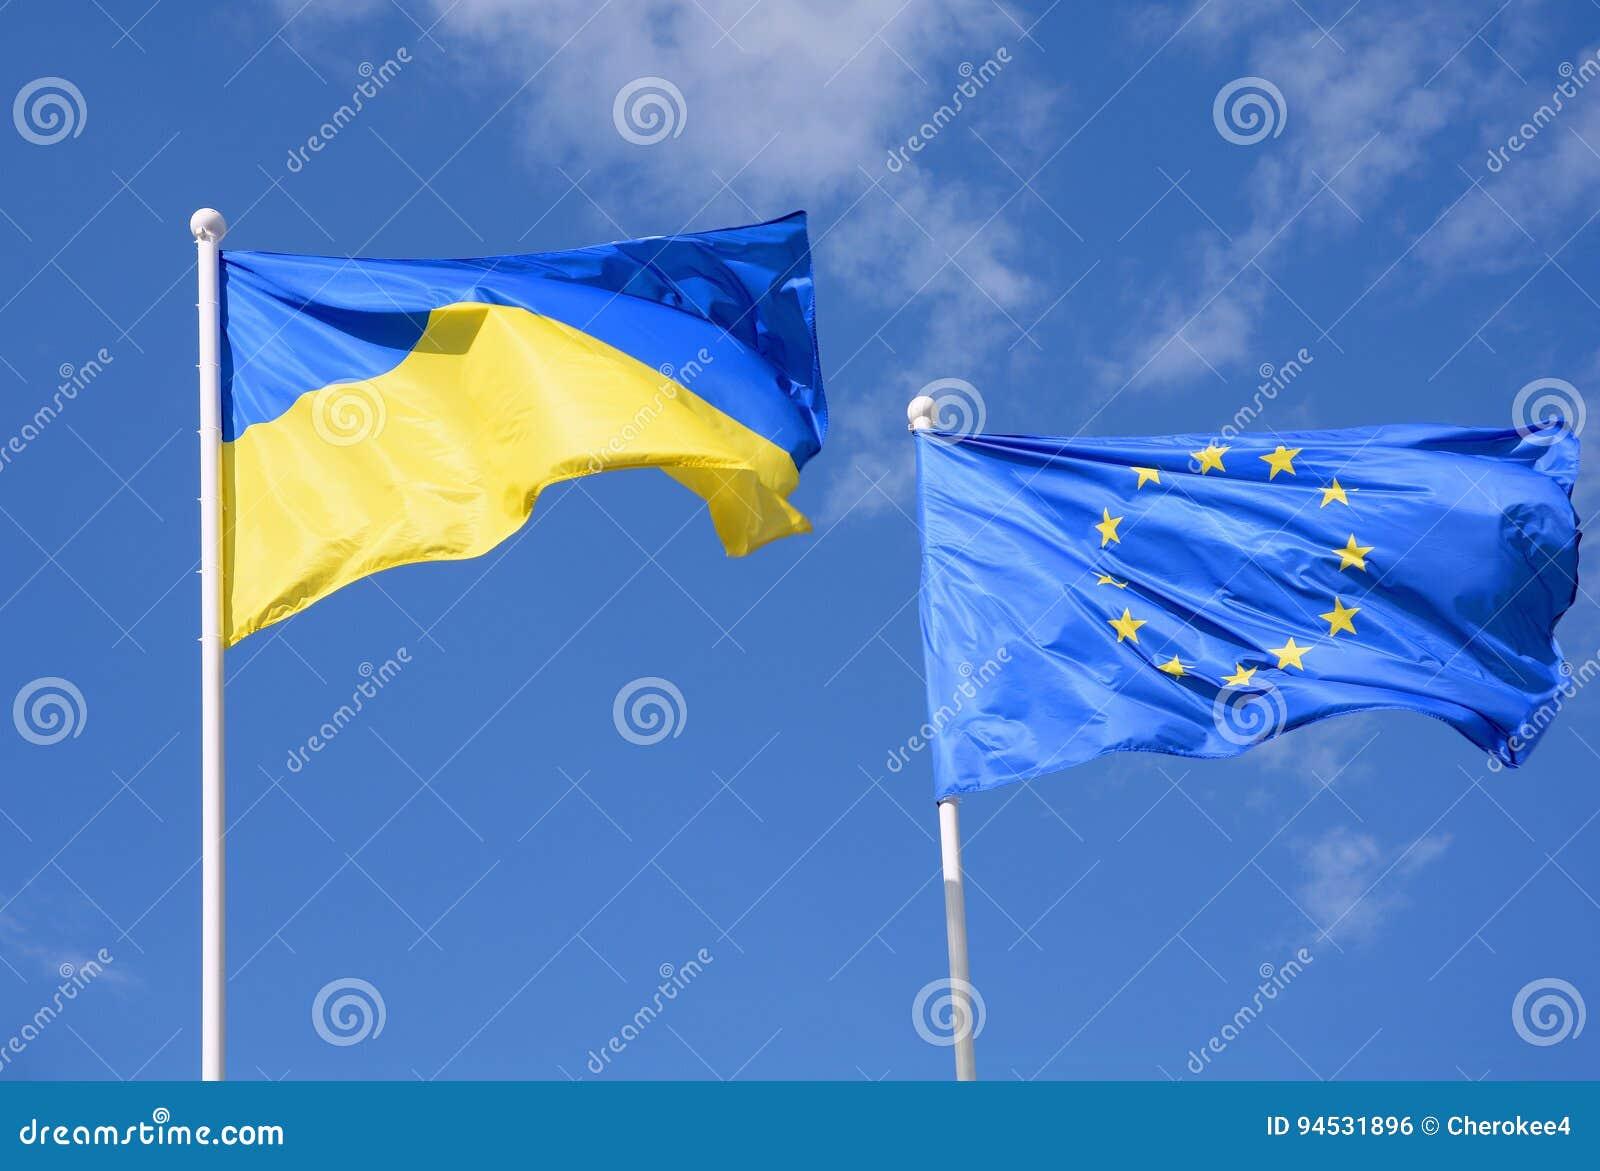 Vlaggen van de Europese Unie van de Oekraïne en de EU tegen de blauwe hemel